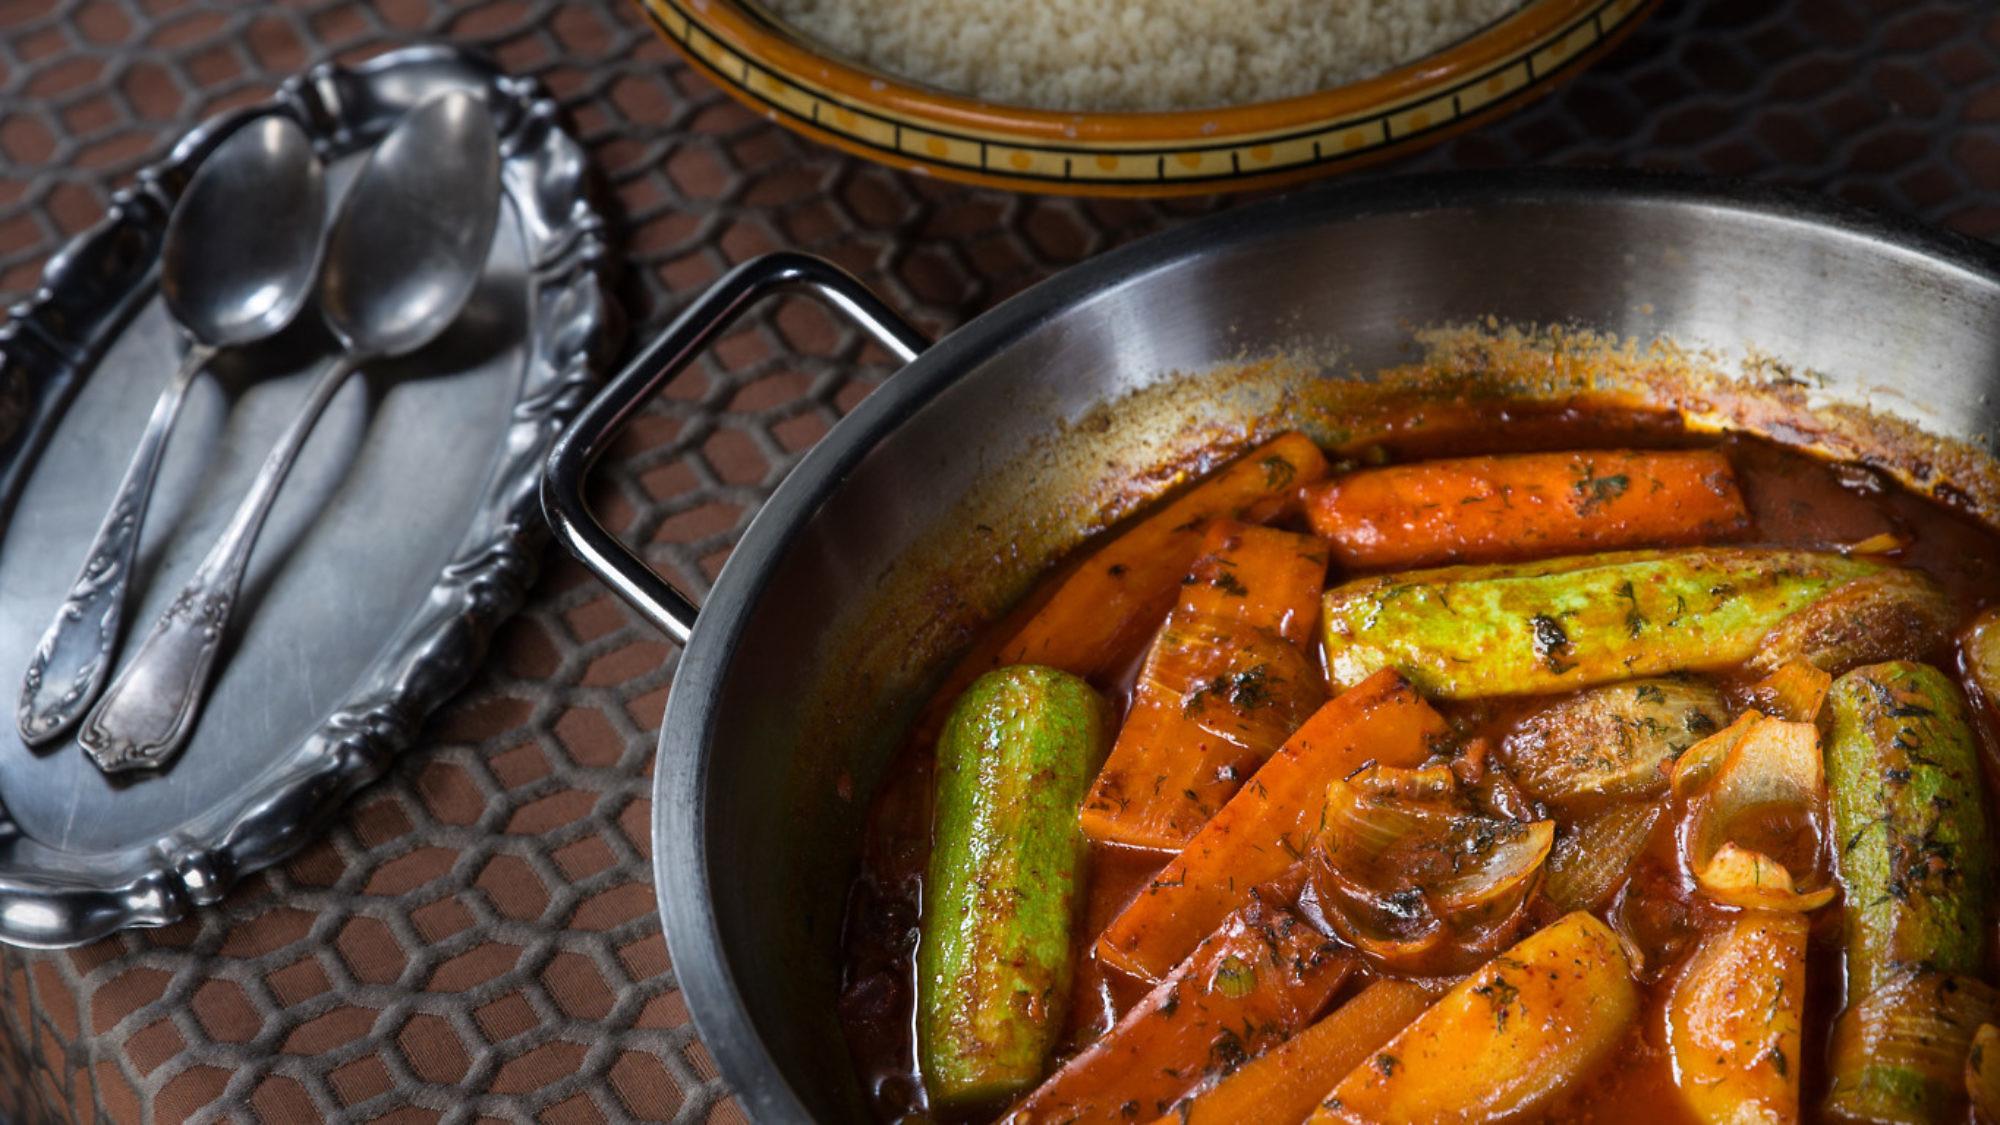 קוסקוס מהיר עם ירקות של סוליקה. צילום וסטיילינג: טל סיון־צפורי